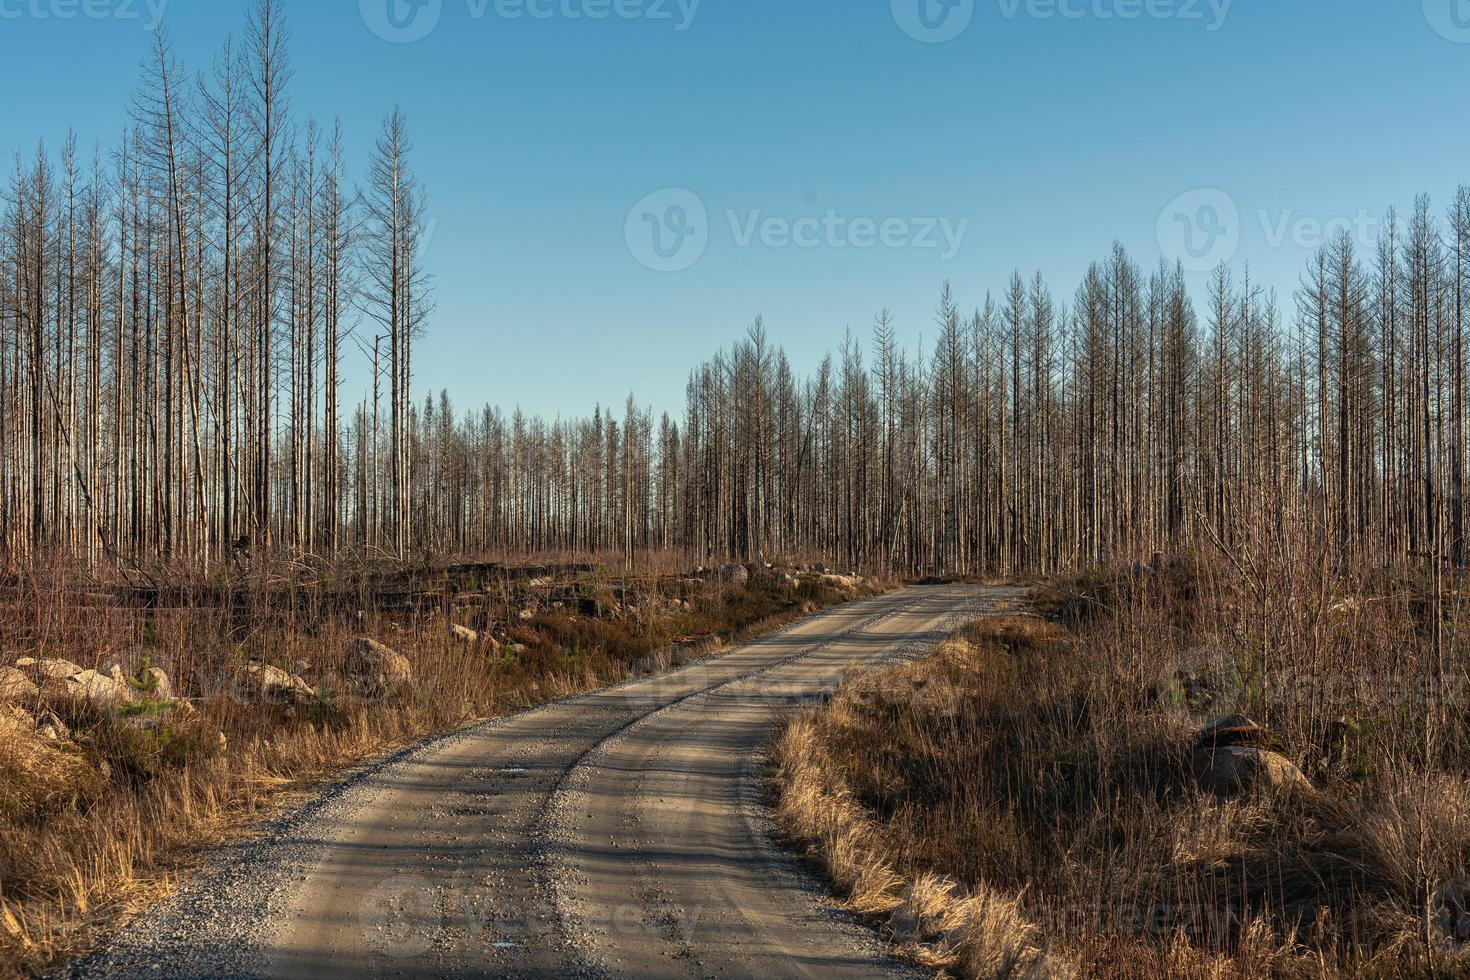 pequeña carretera que pasa por un bosque muerto devastado por un incendio forestal foto